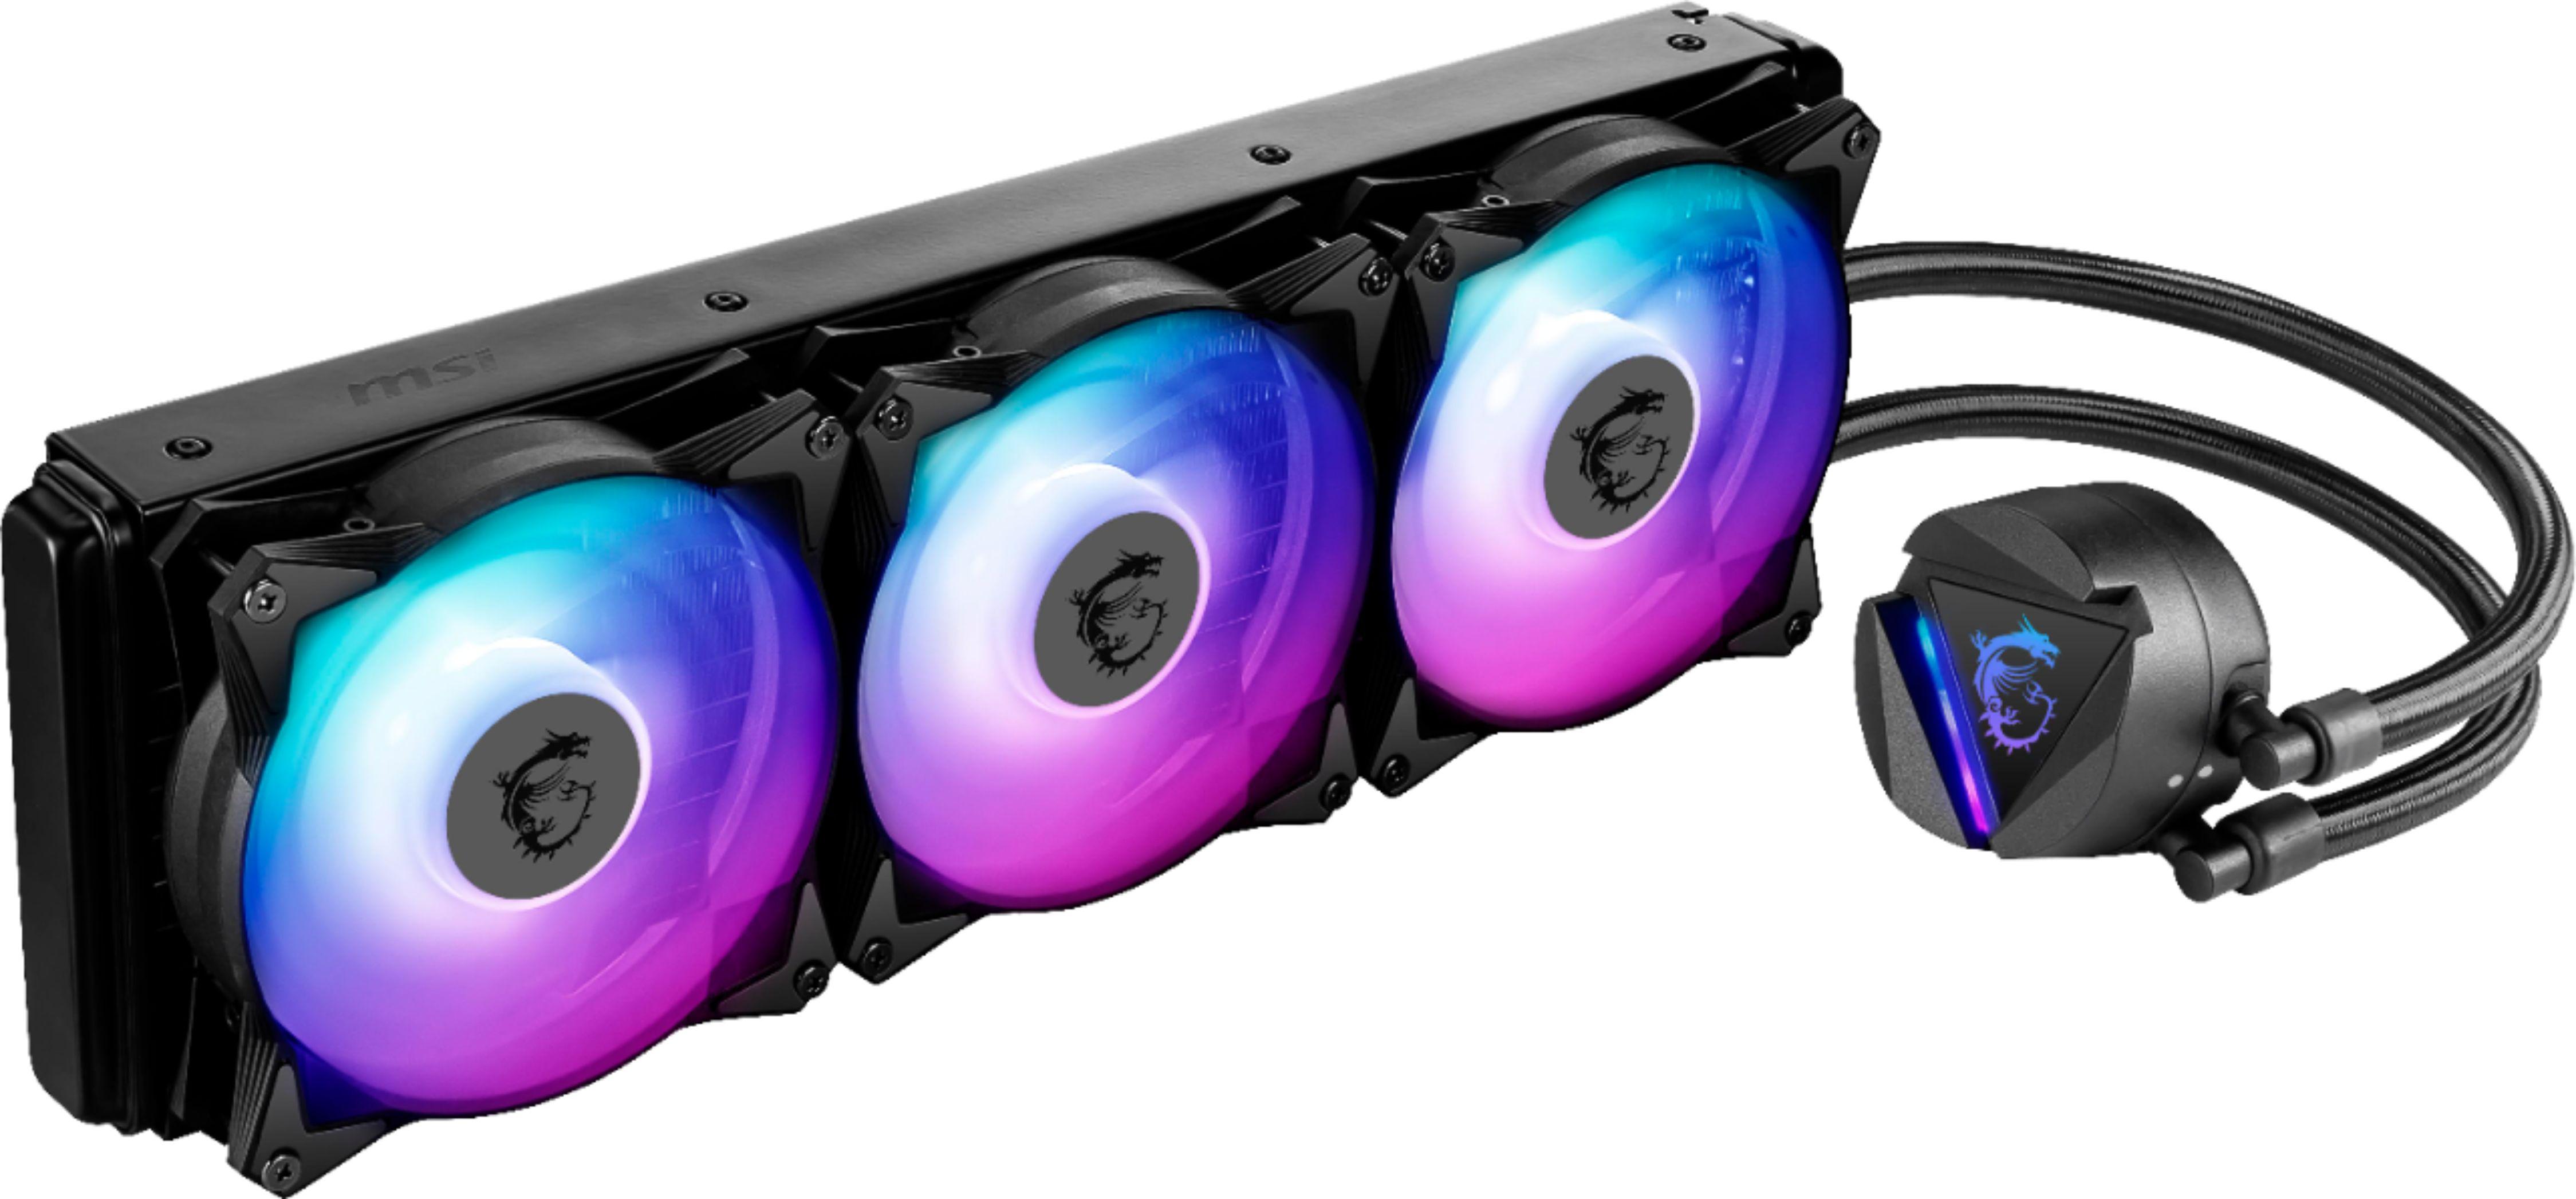 MSI - MAG CORELIQUID 360R AIO ARGB CPU Liquid Cooler $110